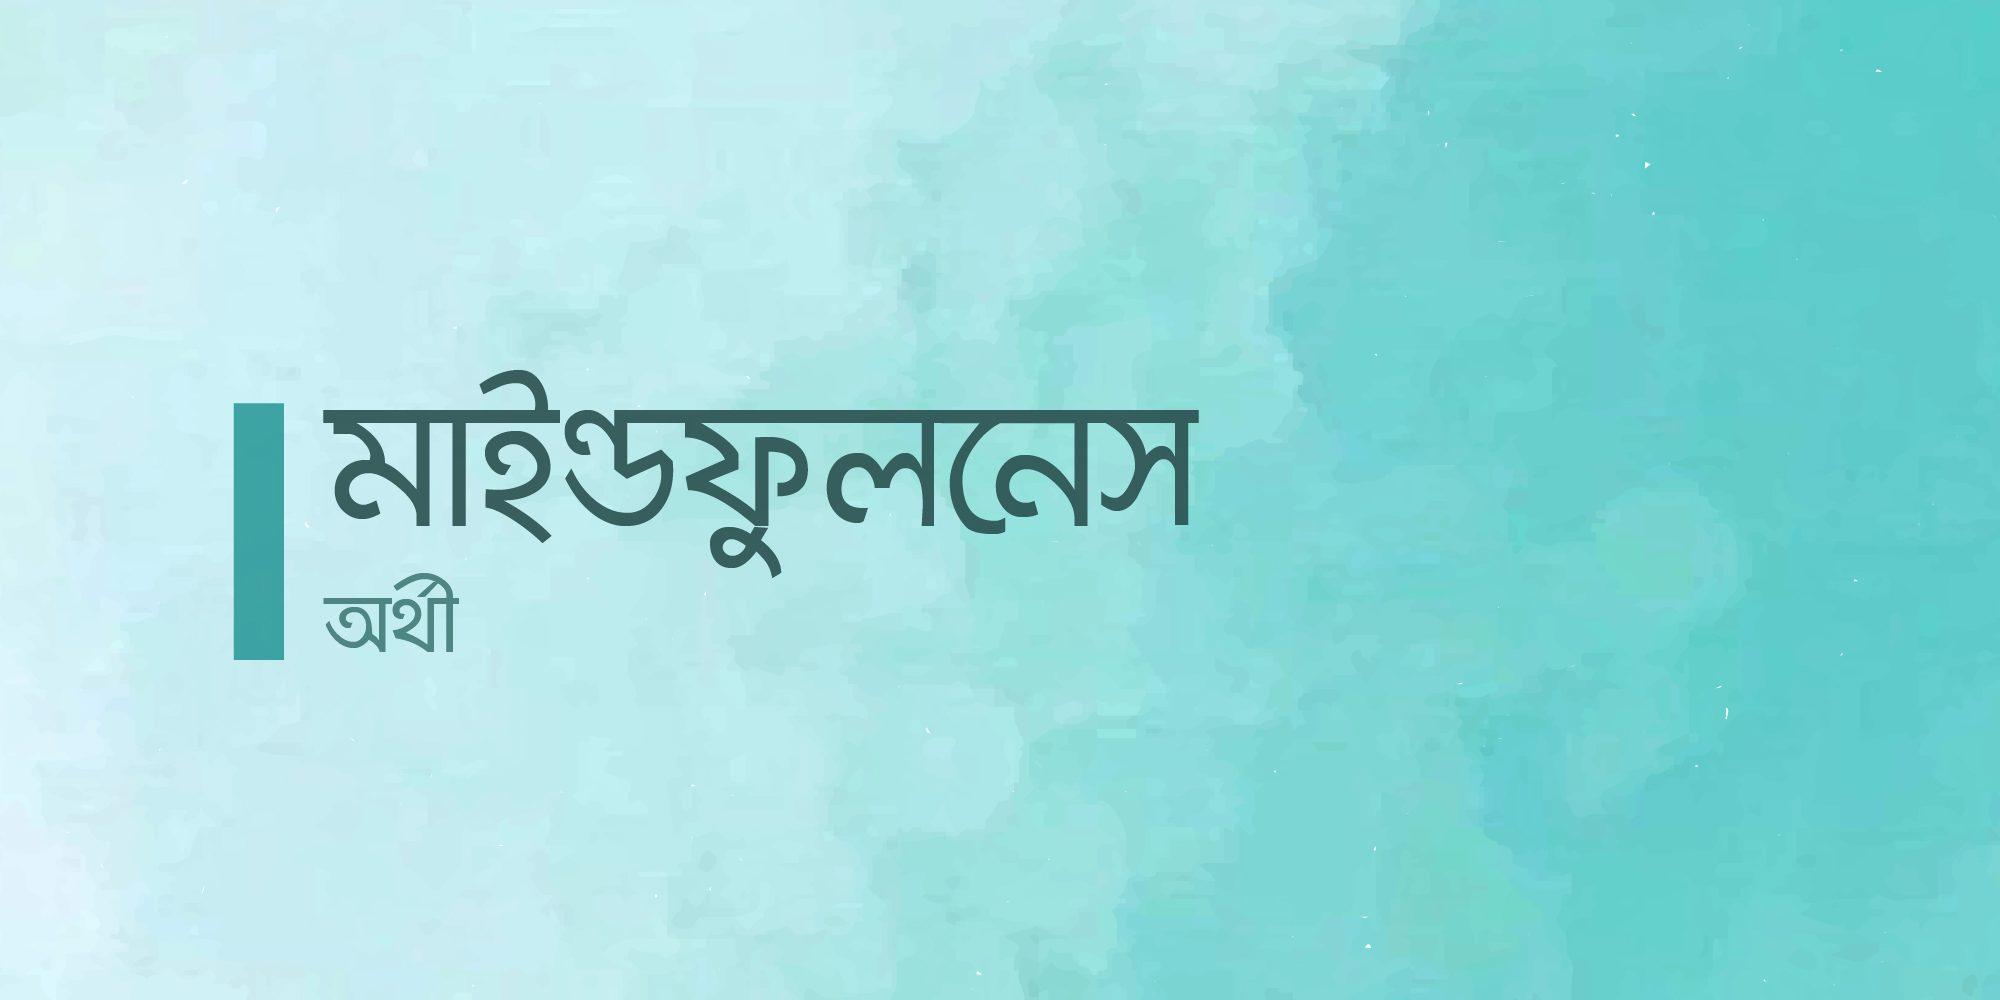 mindfulness-itsokaybd-orthi